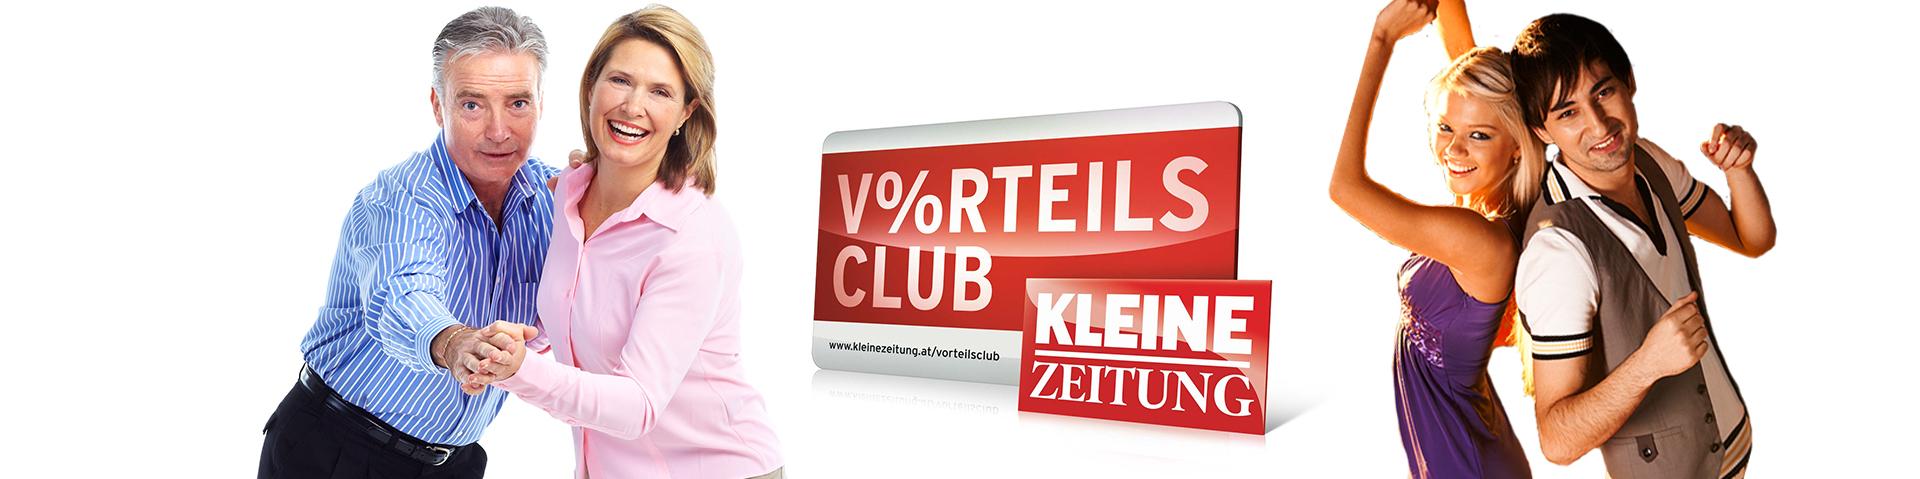 vorteilsclub-Header